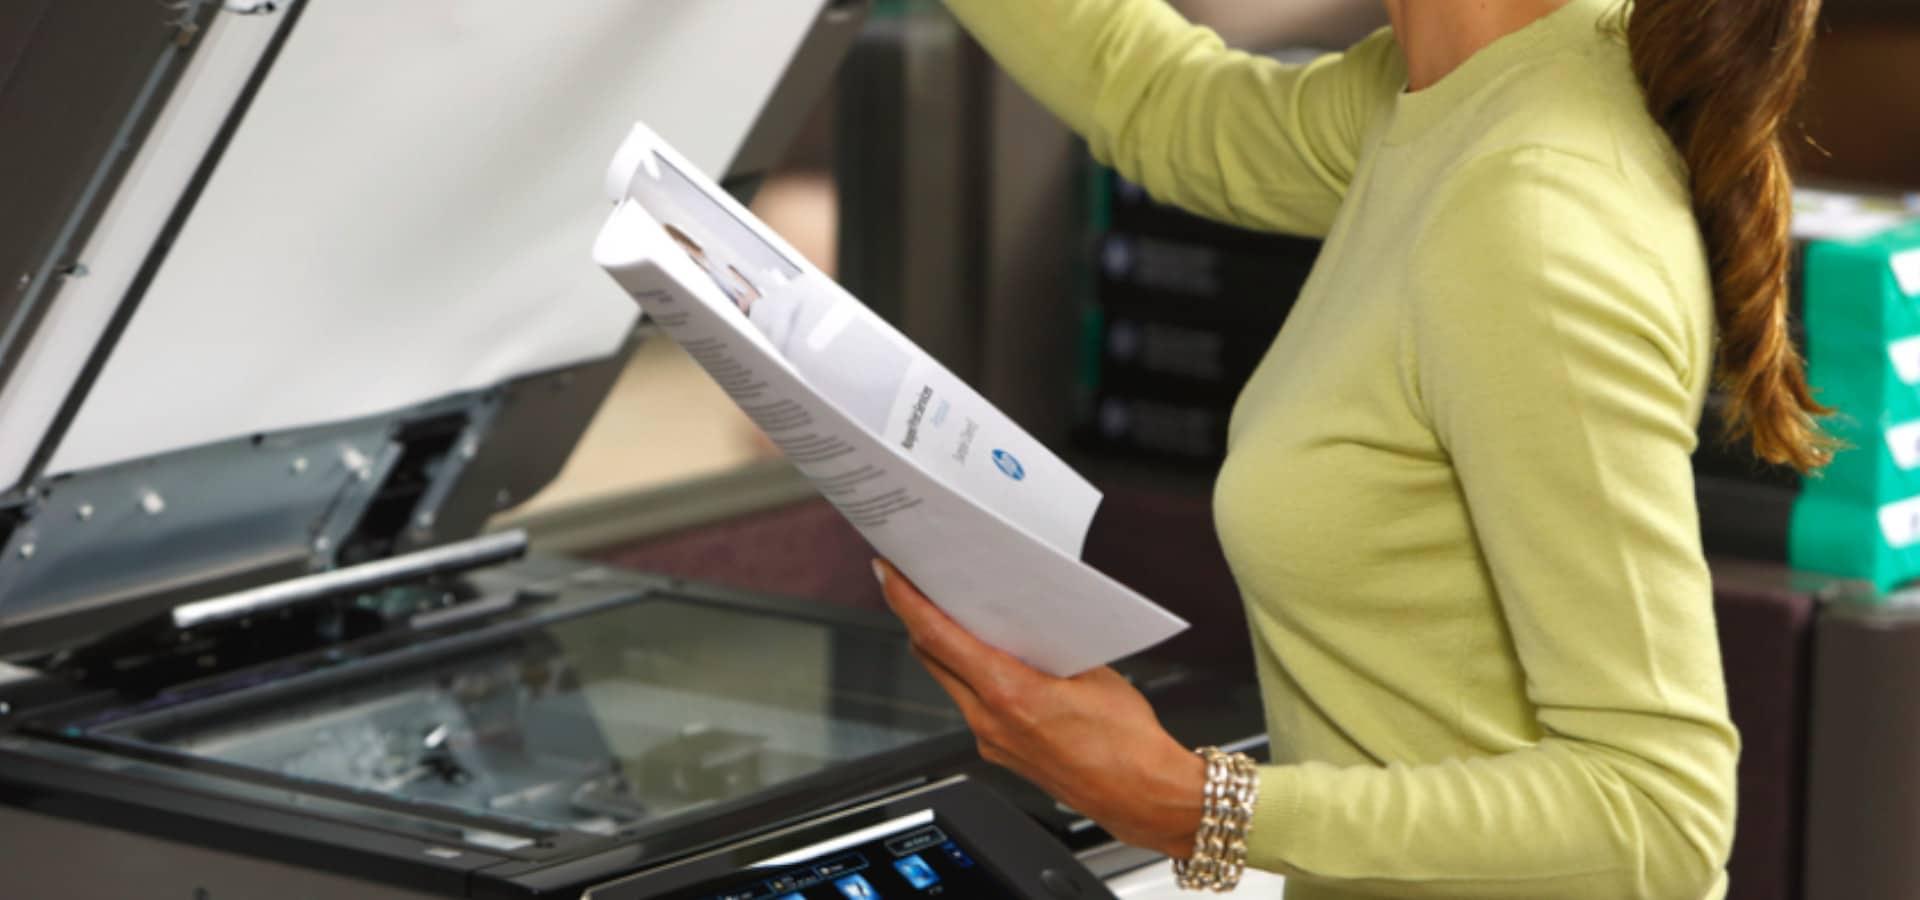 Viele Kunden überlegen vor der Anschaffung, ob sie den Kopierer kaufen, den Kopierer mieten oder eine Kopierer Leasing Variante auswählen sollen.